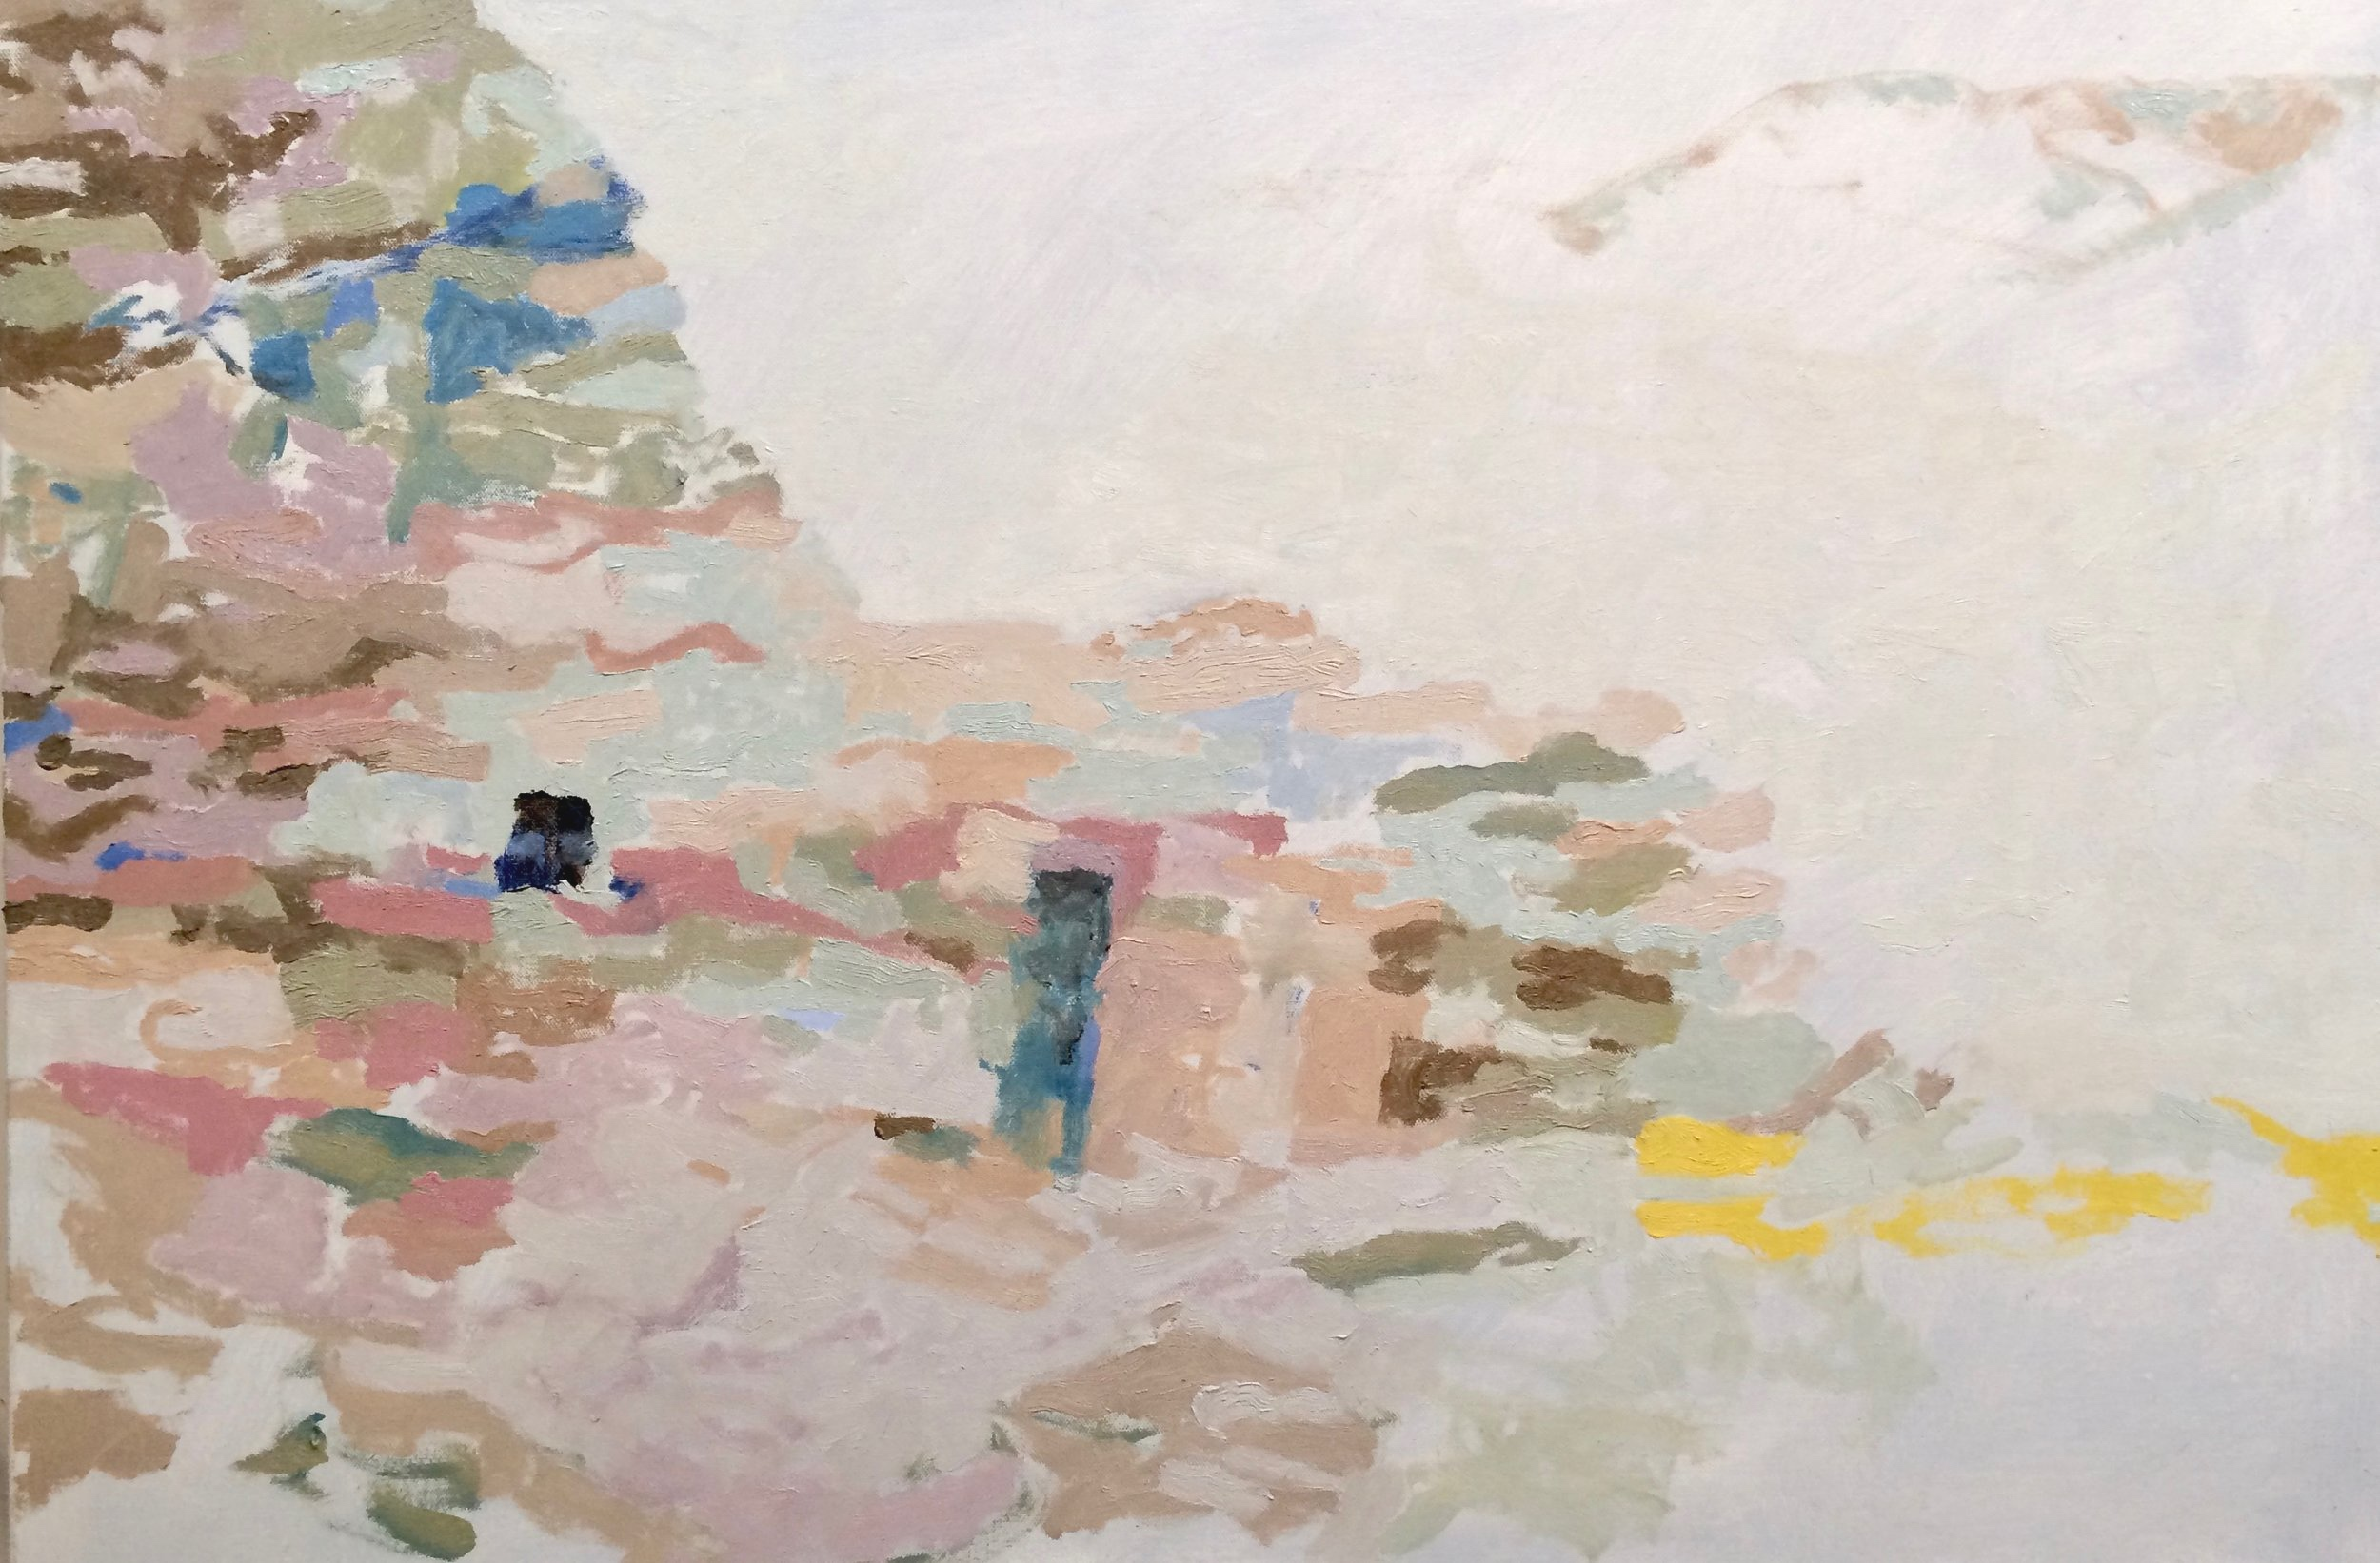 Y Aquí Me Quedo - 2018  24 x 30 inches  oil on canvas